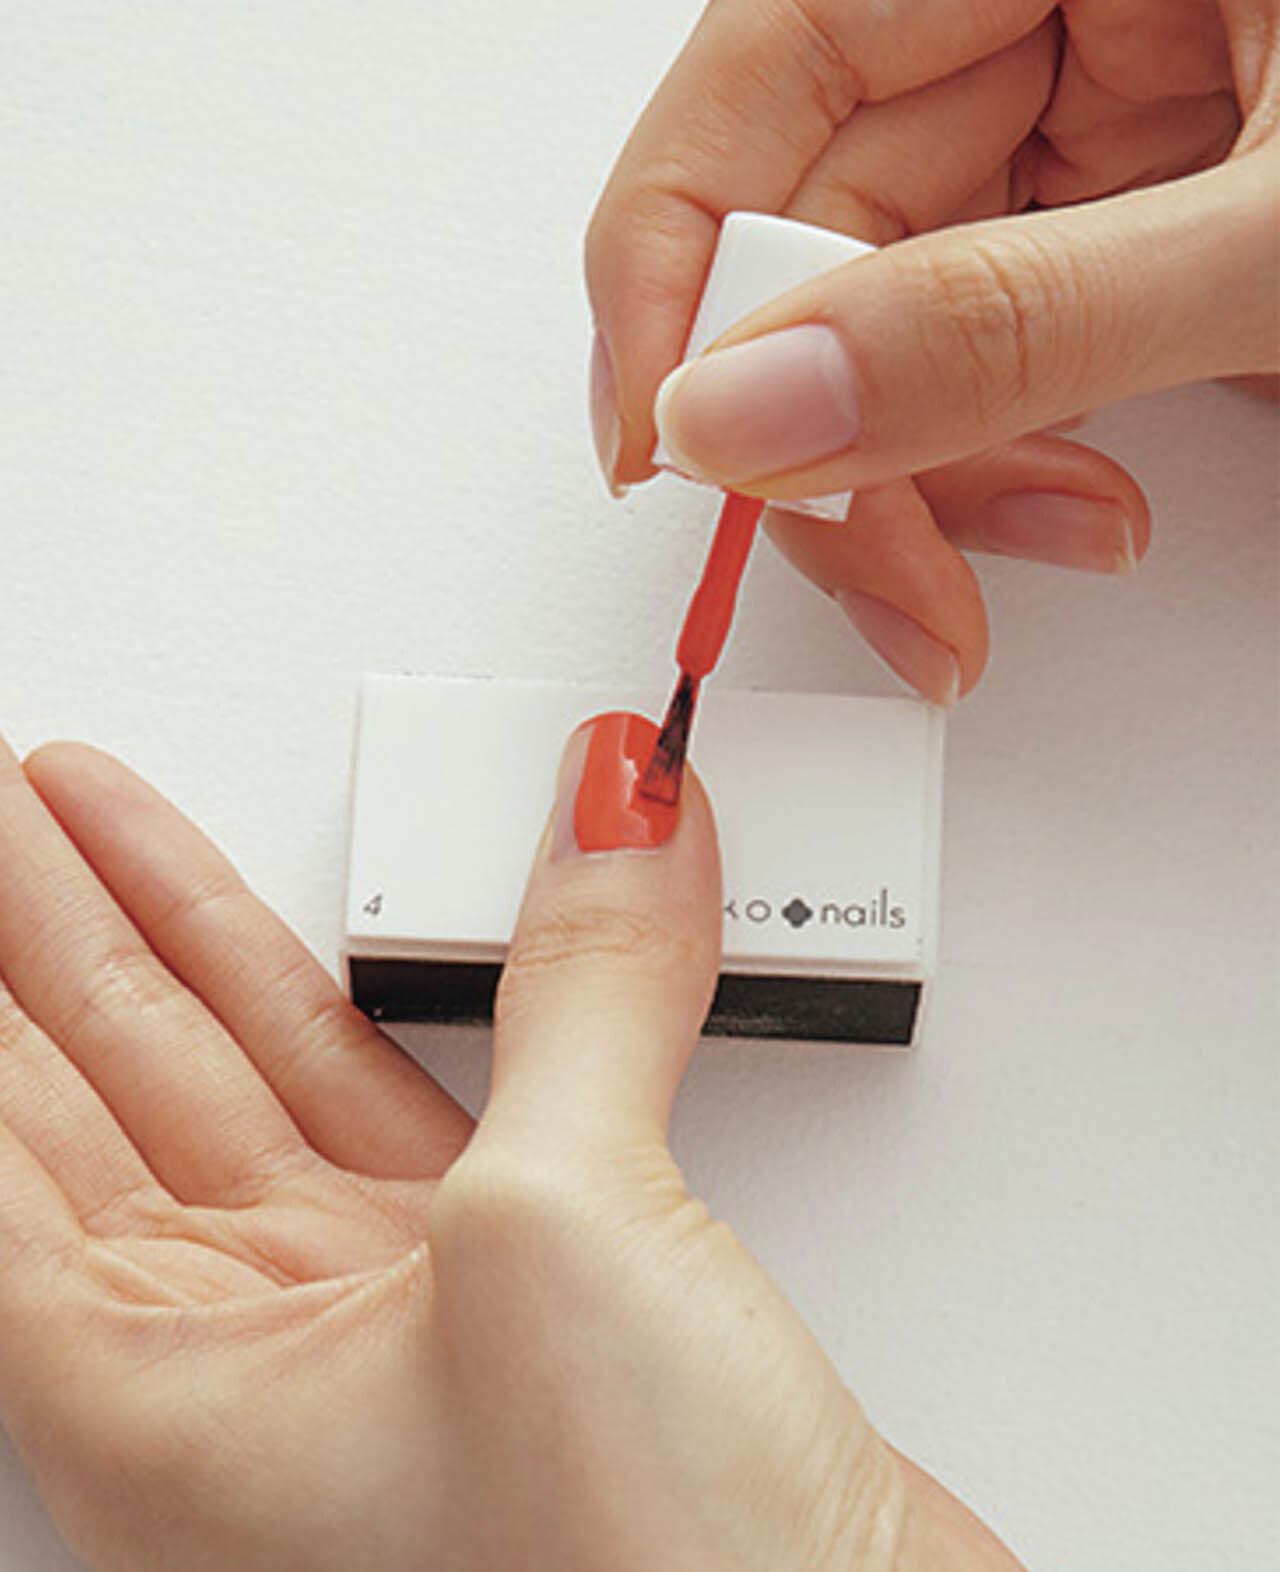 4.サイドを塗る際は、筆の角を使うと、はみ出しづらい。1度目の色のムラを消すことを意識しながら再度塗り、トップコートで完成